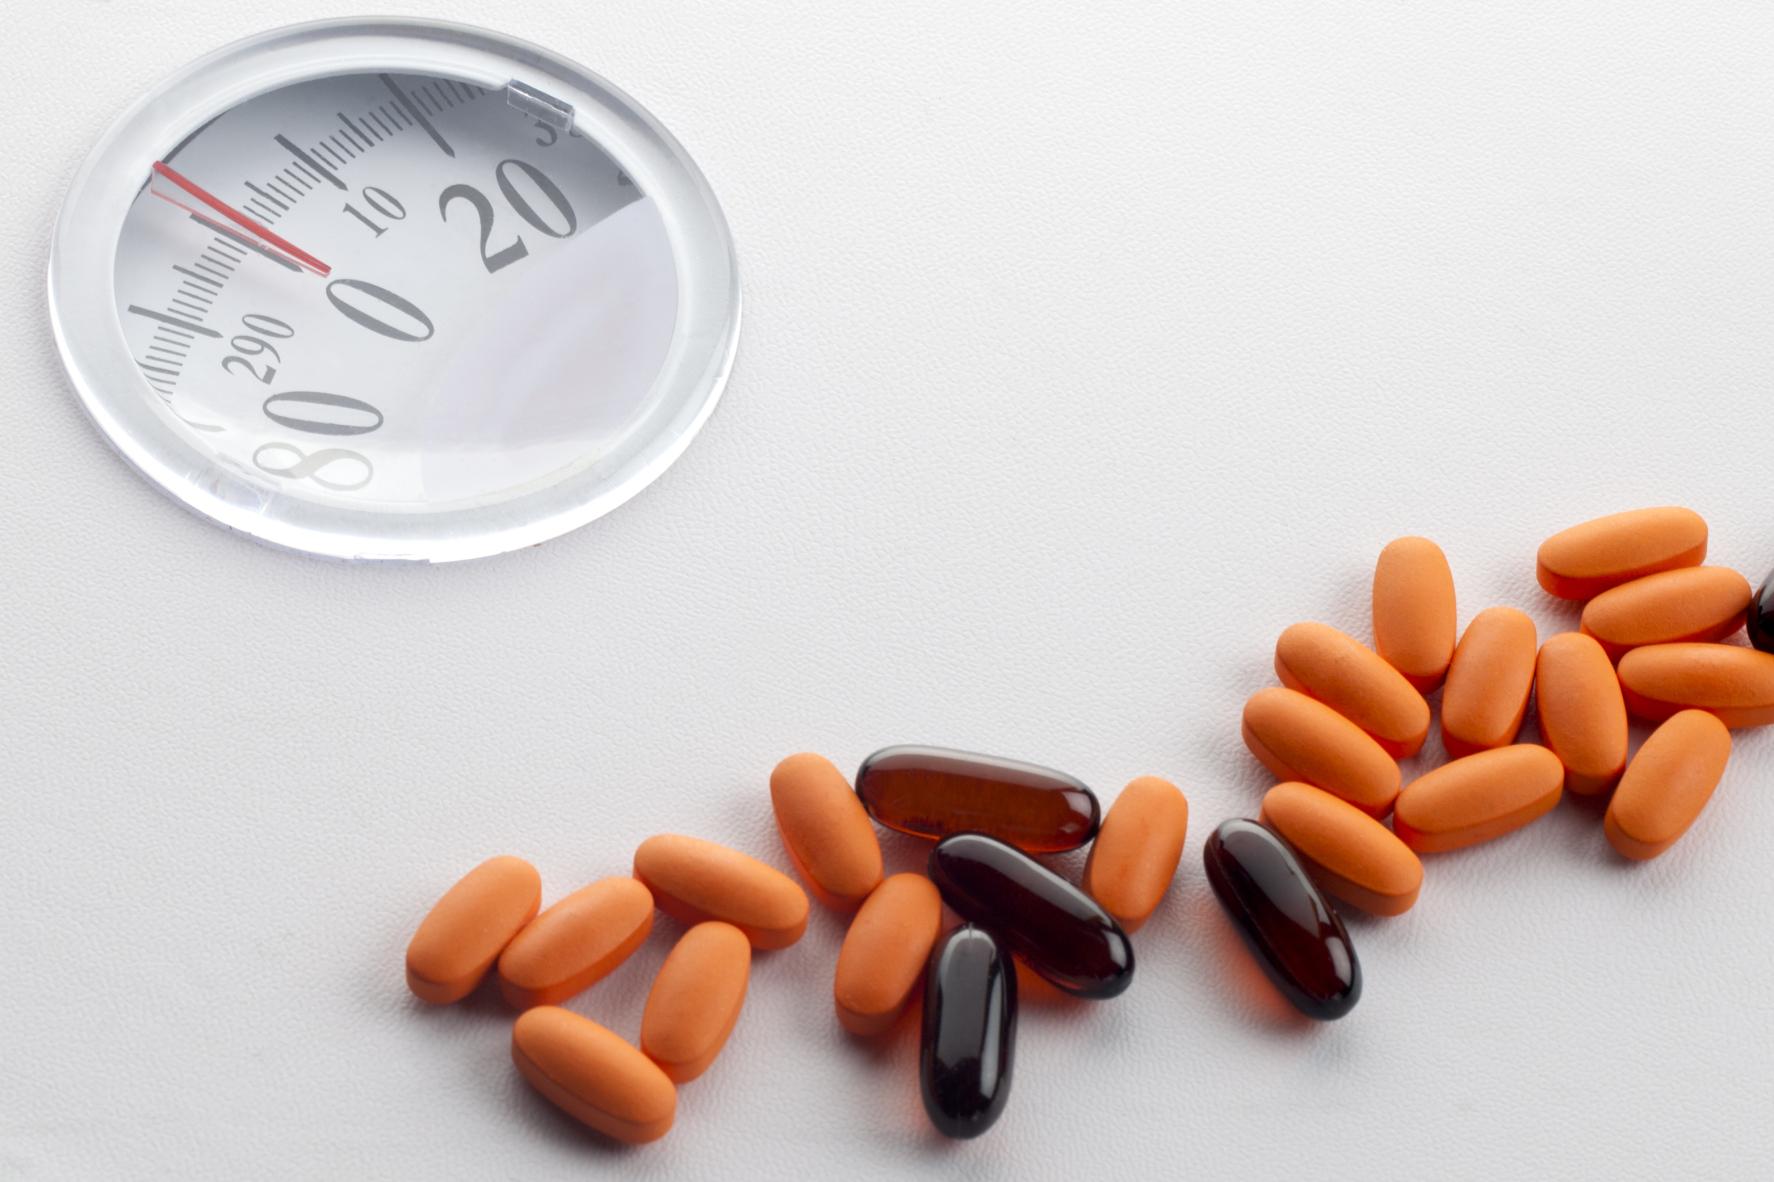 celebrity diet pills